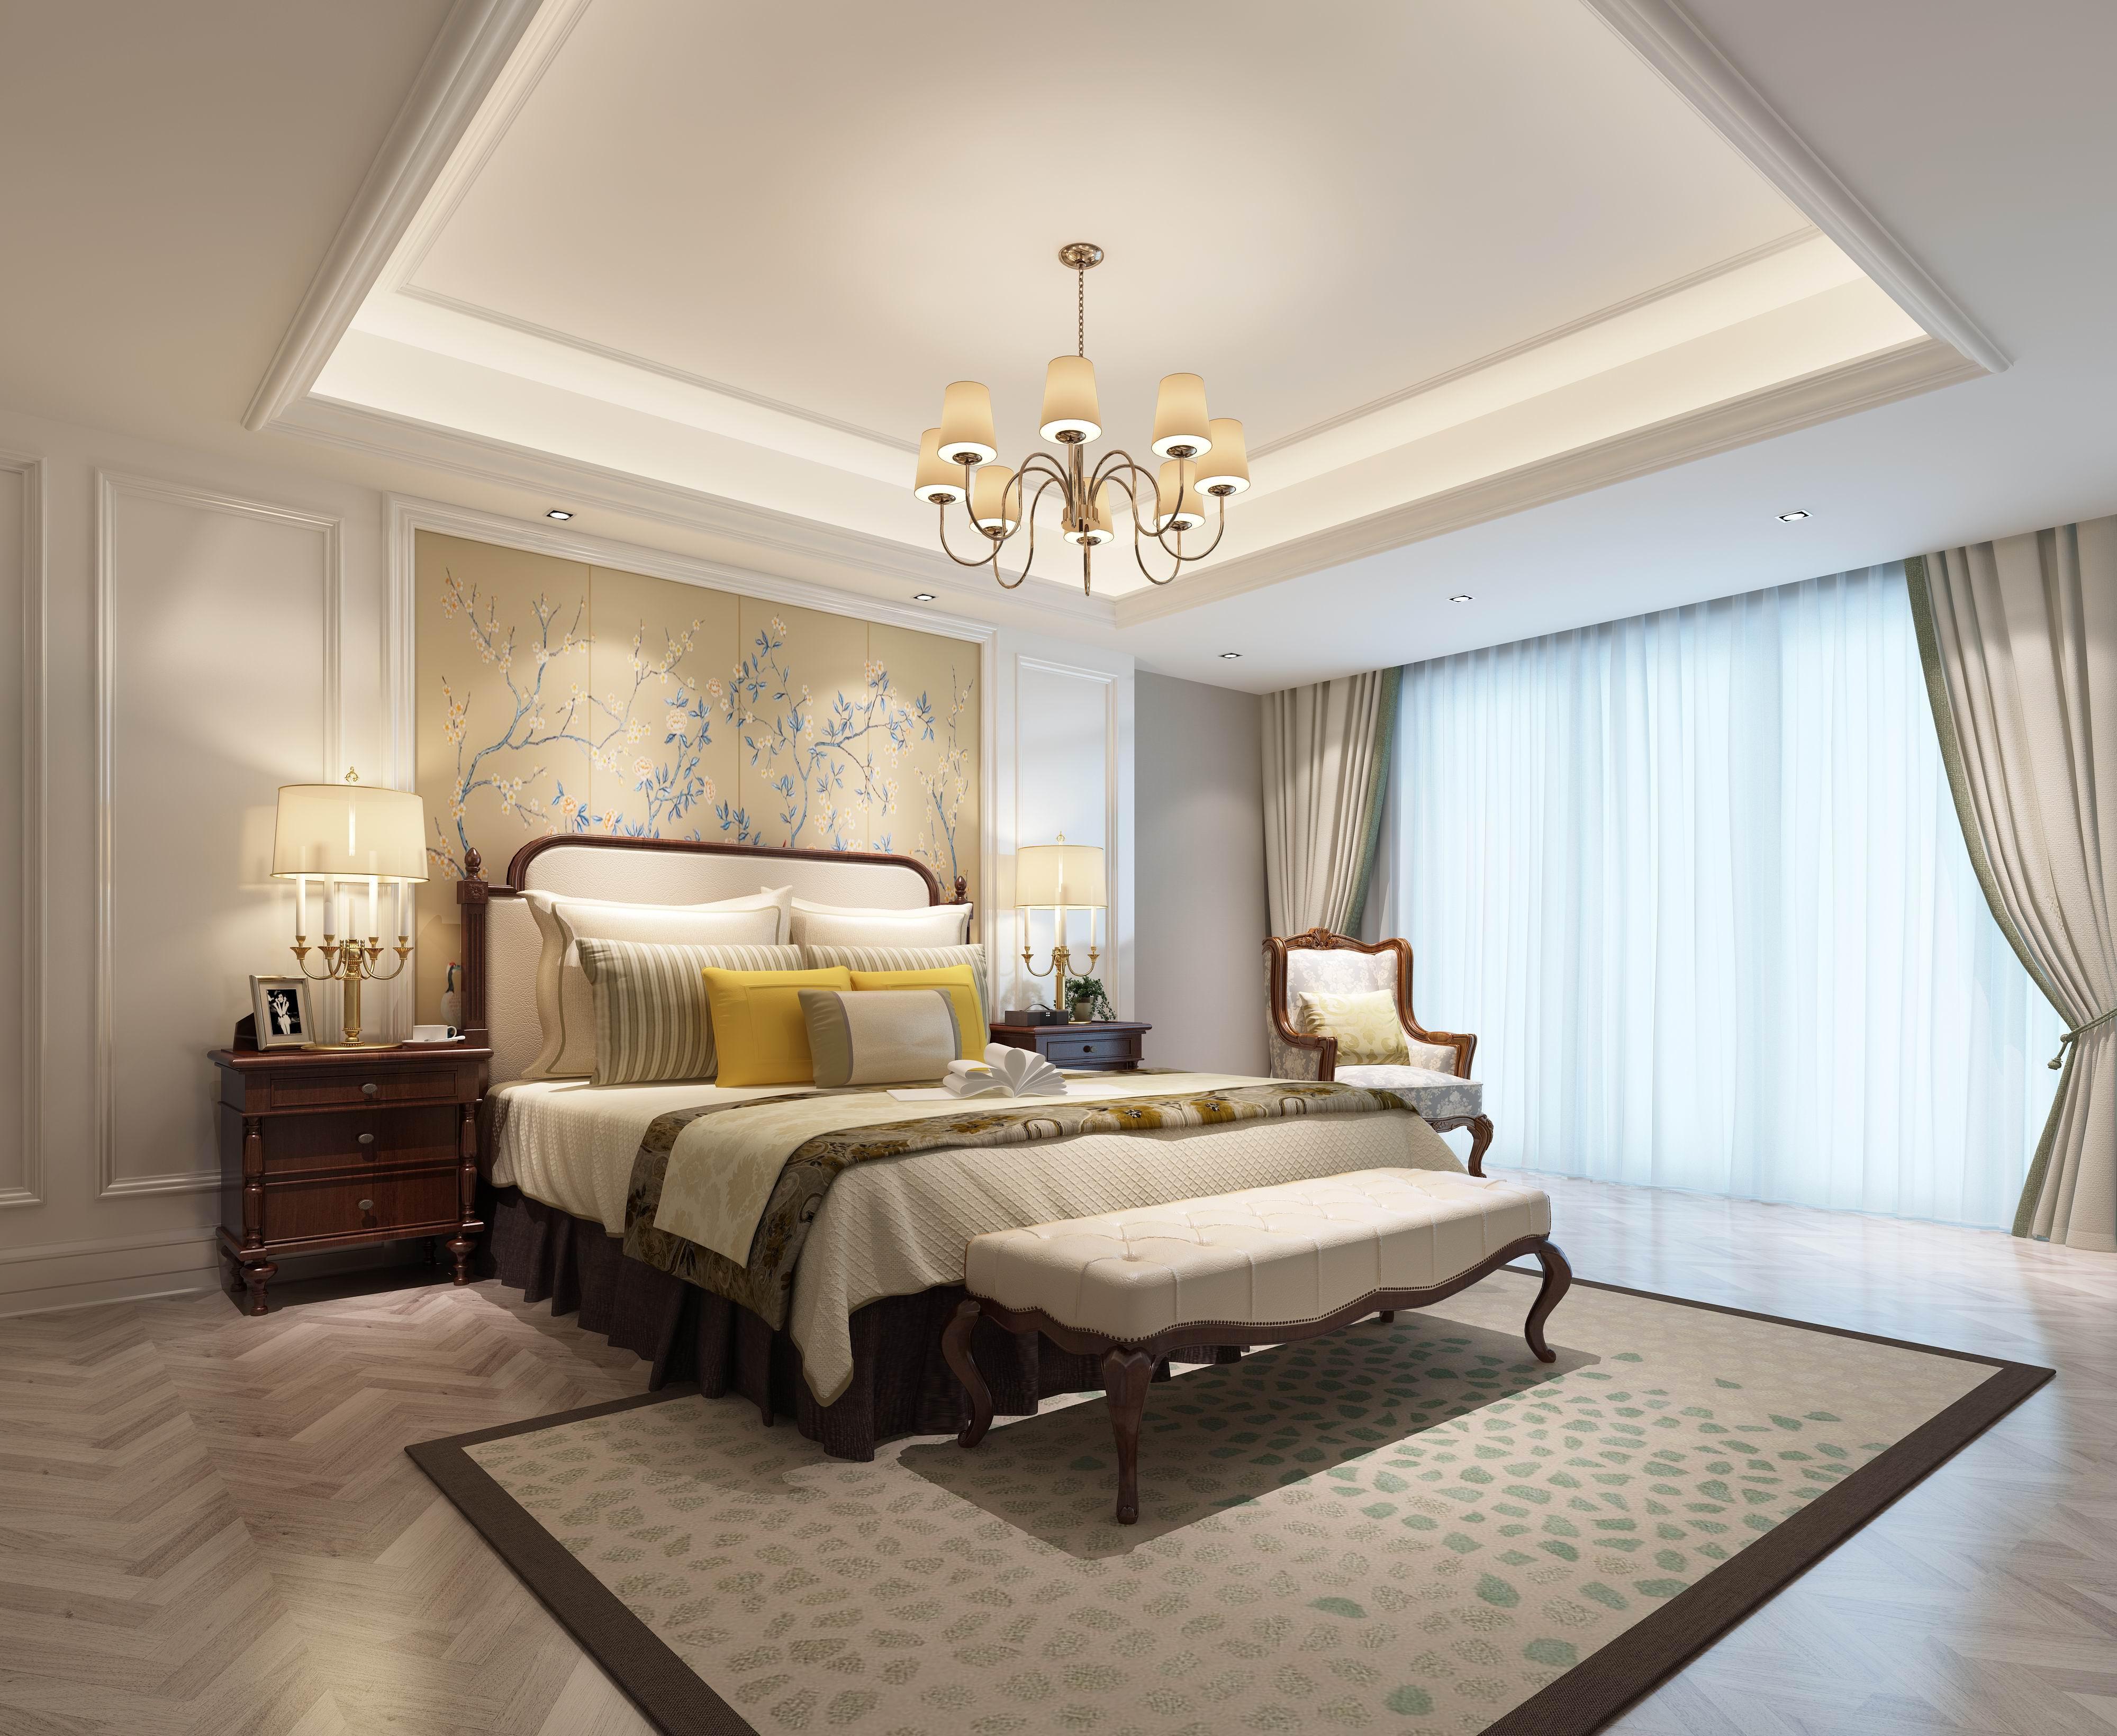 别墅 设计 装修 案例 欧式风格 次卧图片来自无锡别墅设计s在奥林匹克简欧风格别墅设计案例的分享